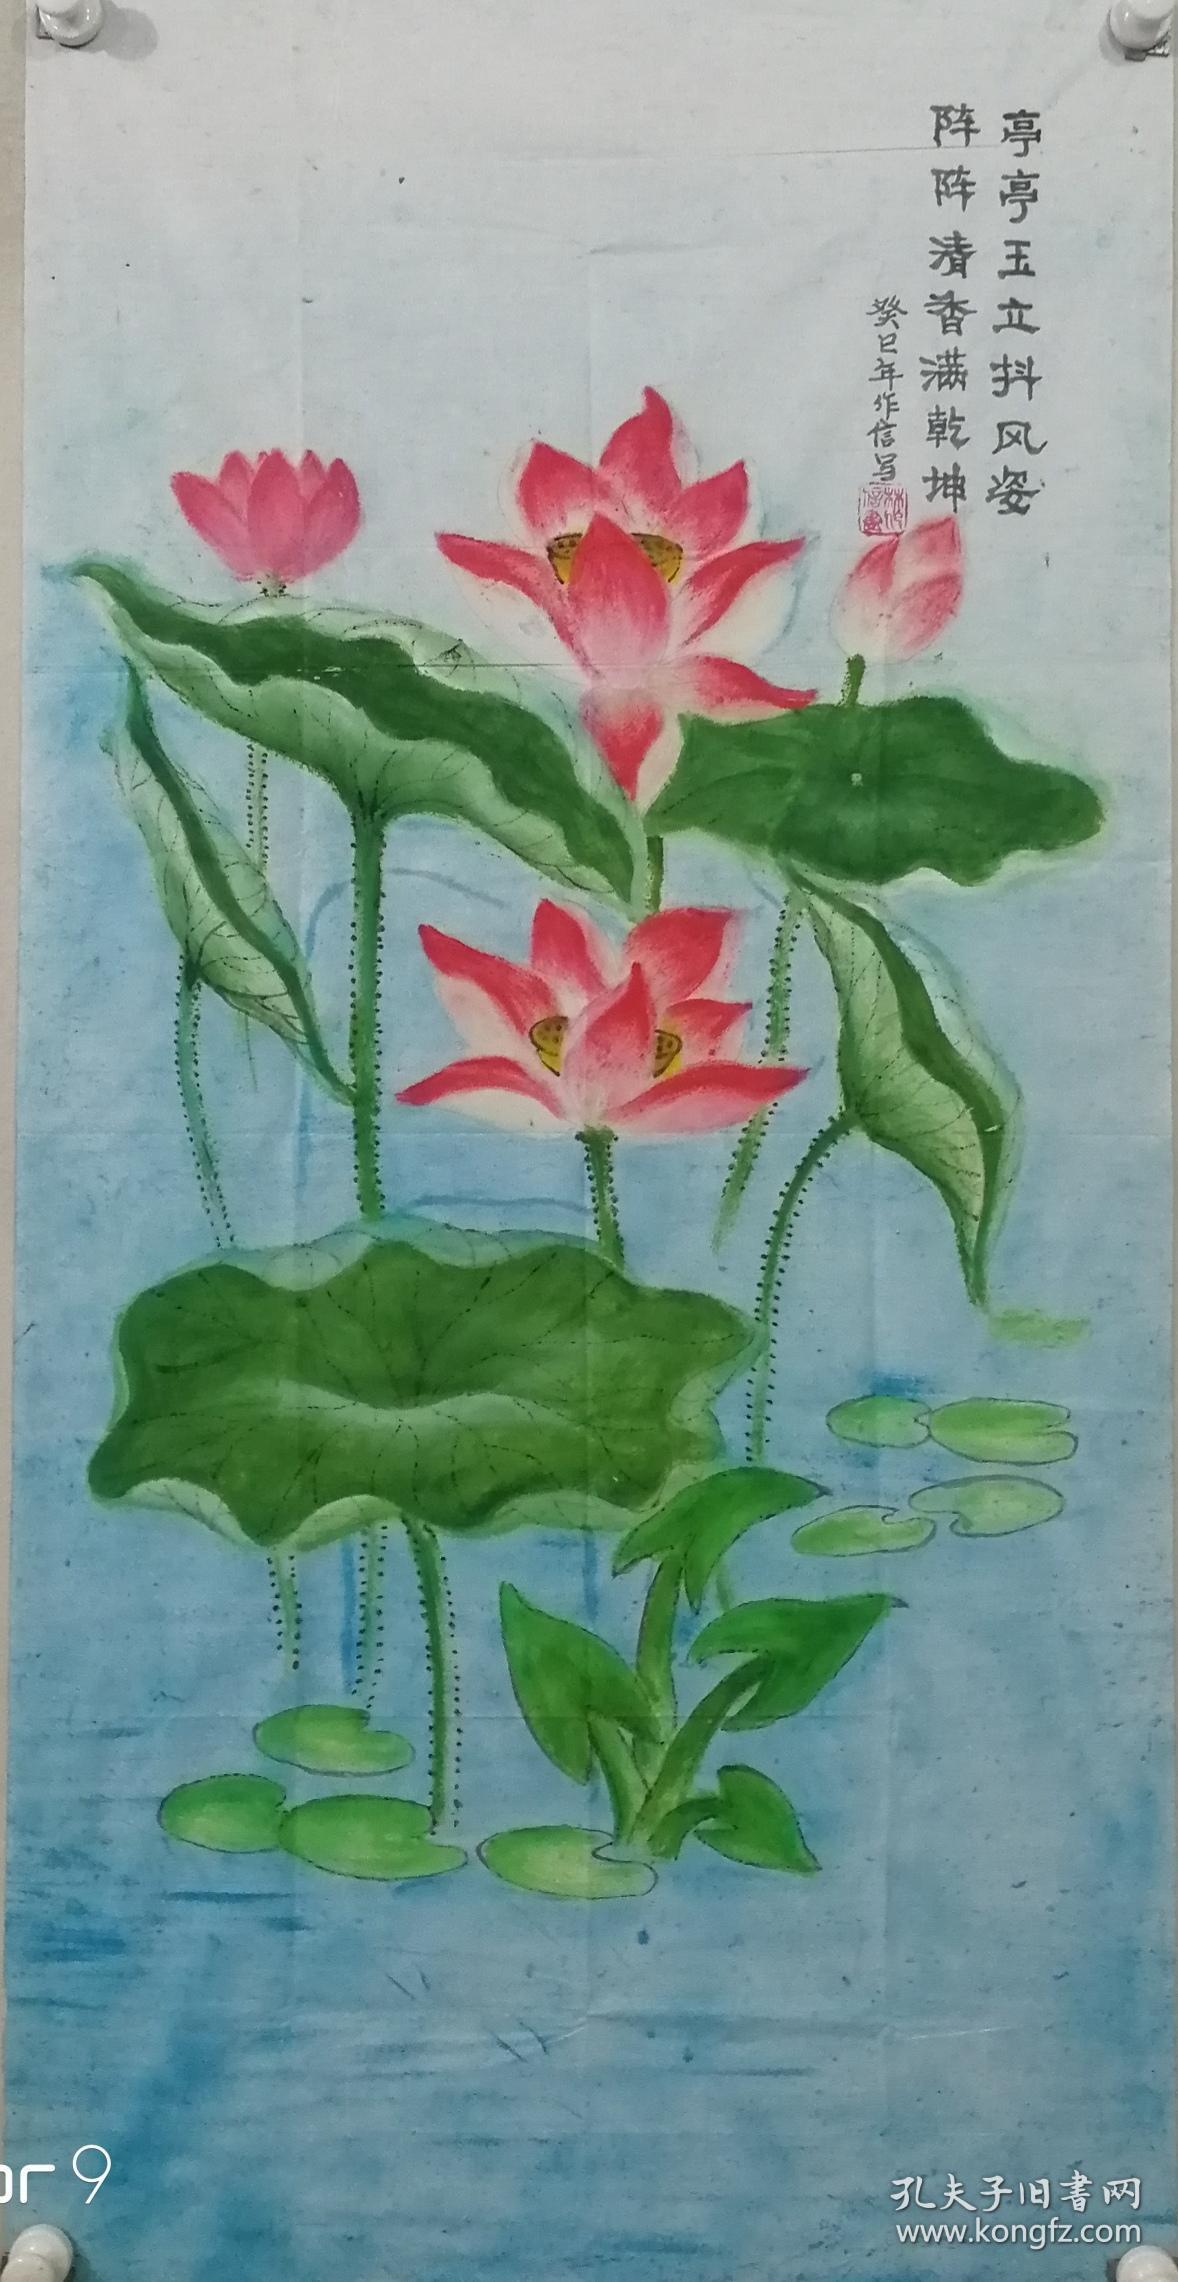 西安国院美联社会员,北京国际文化艺术发展研究中心书画师,中国书画图片